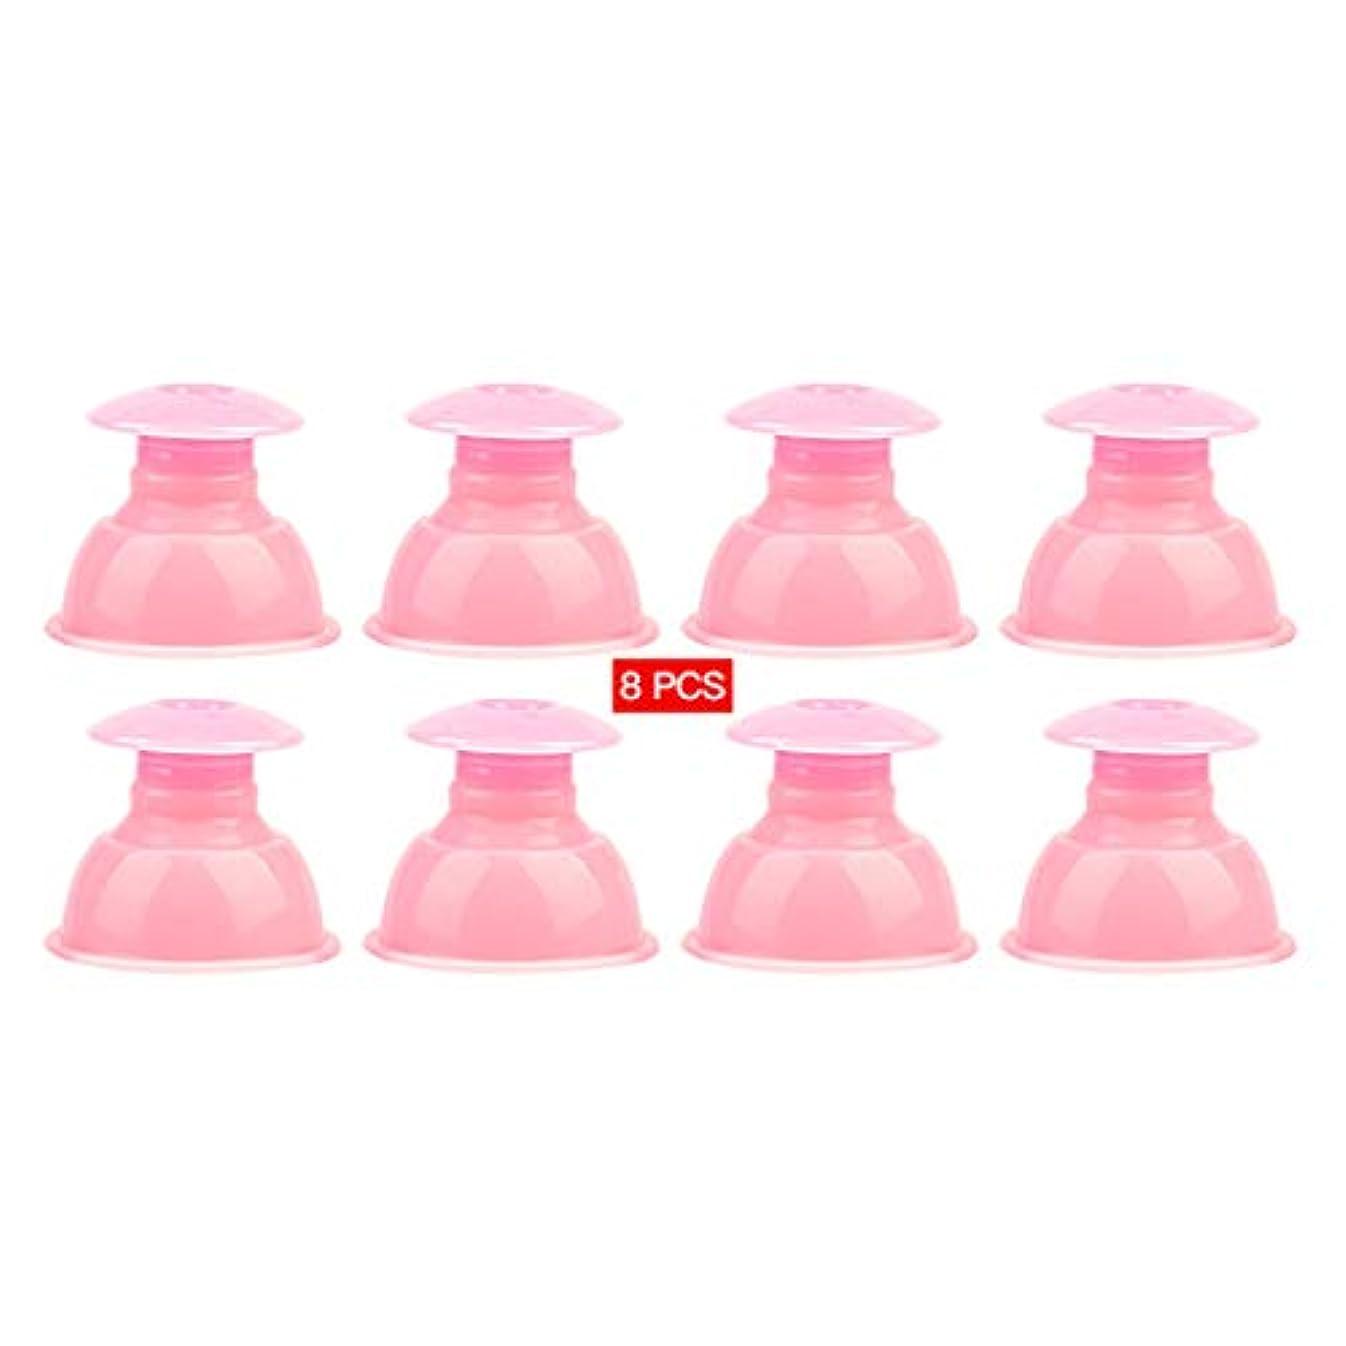 良心的自治的ドキュメンタリー吸い玉 カッピング シリコン製 水洗いOK 繰り返し使える 55×35×48mm 8個セット ピンク